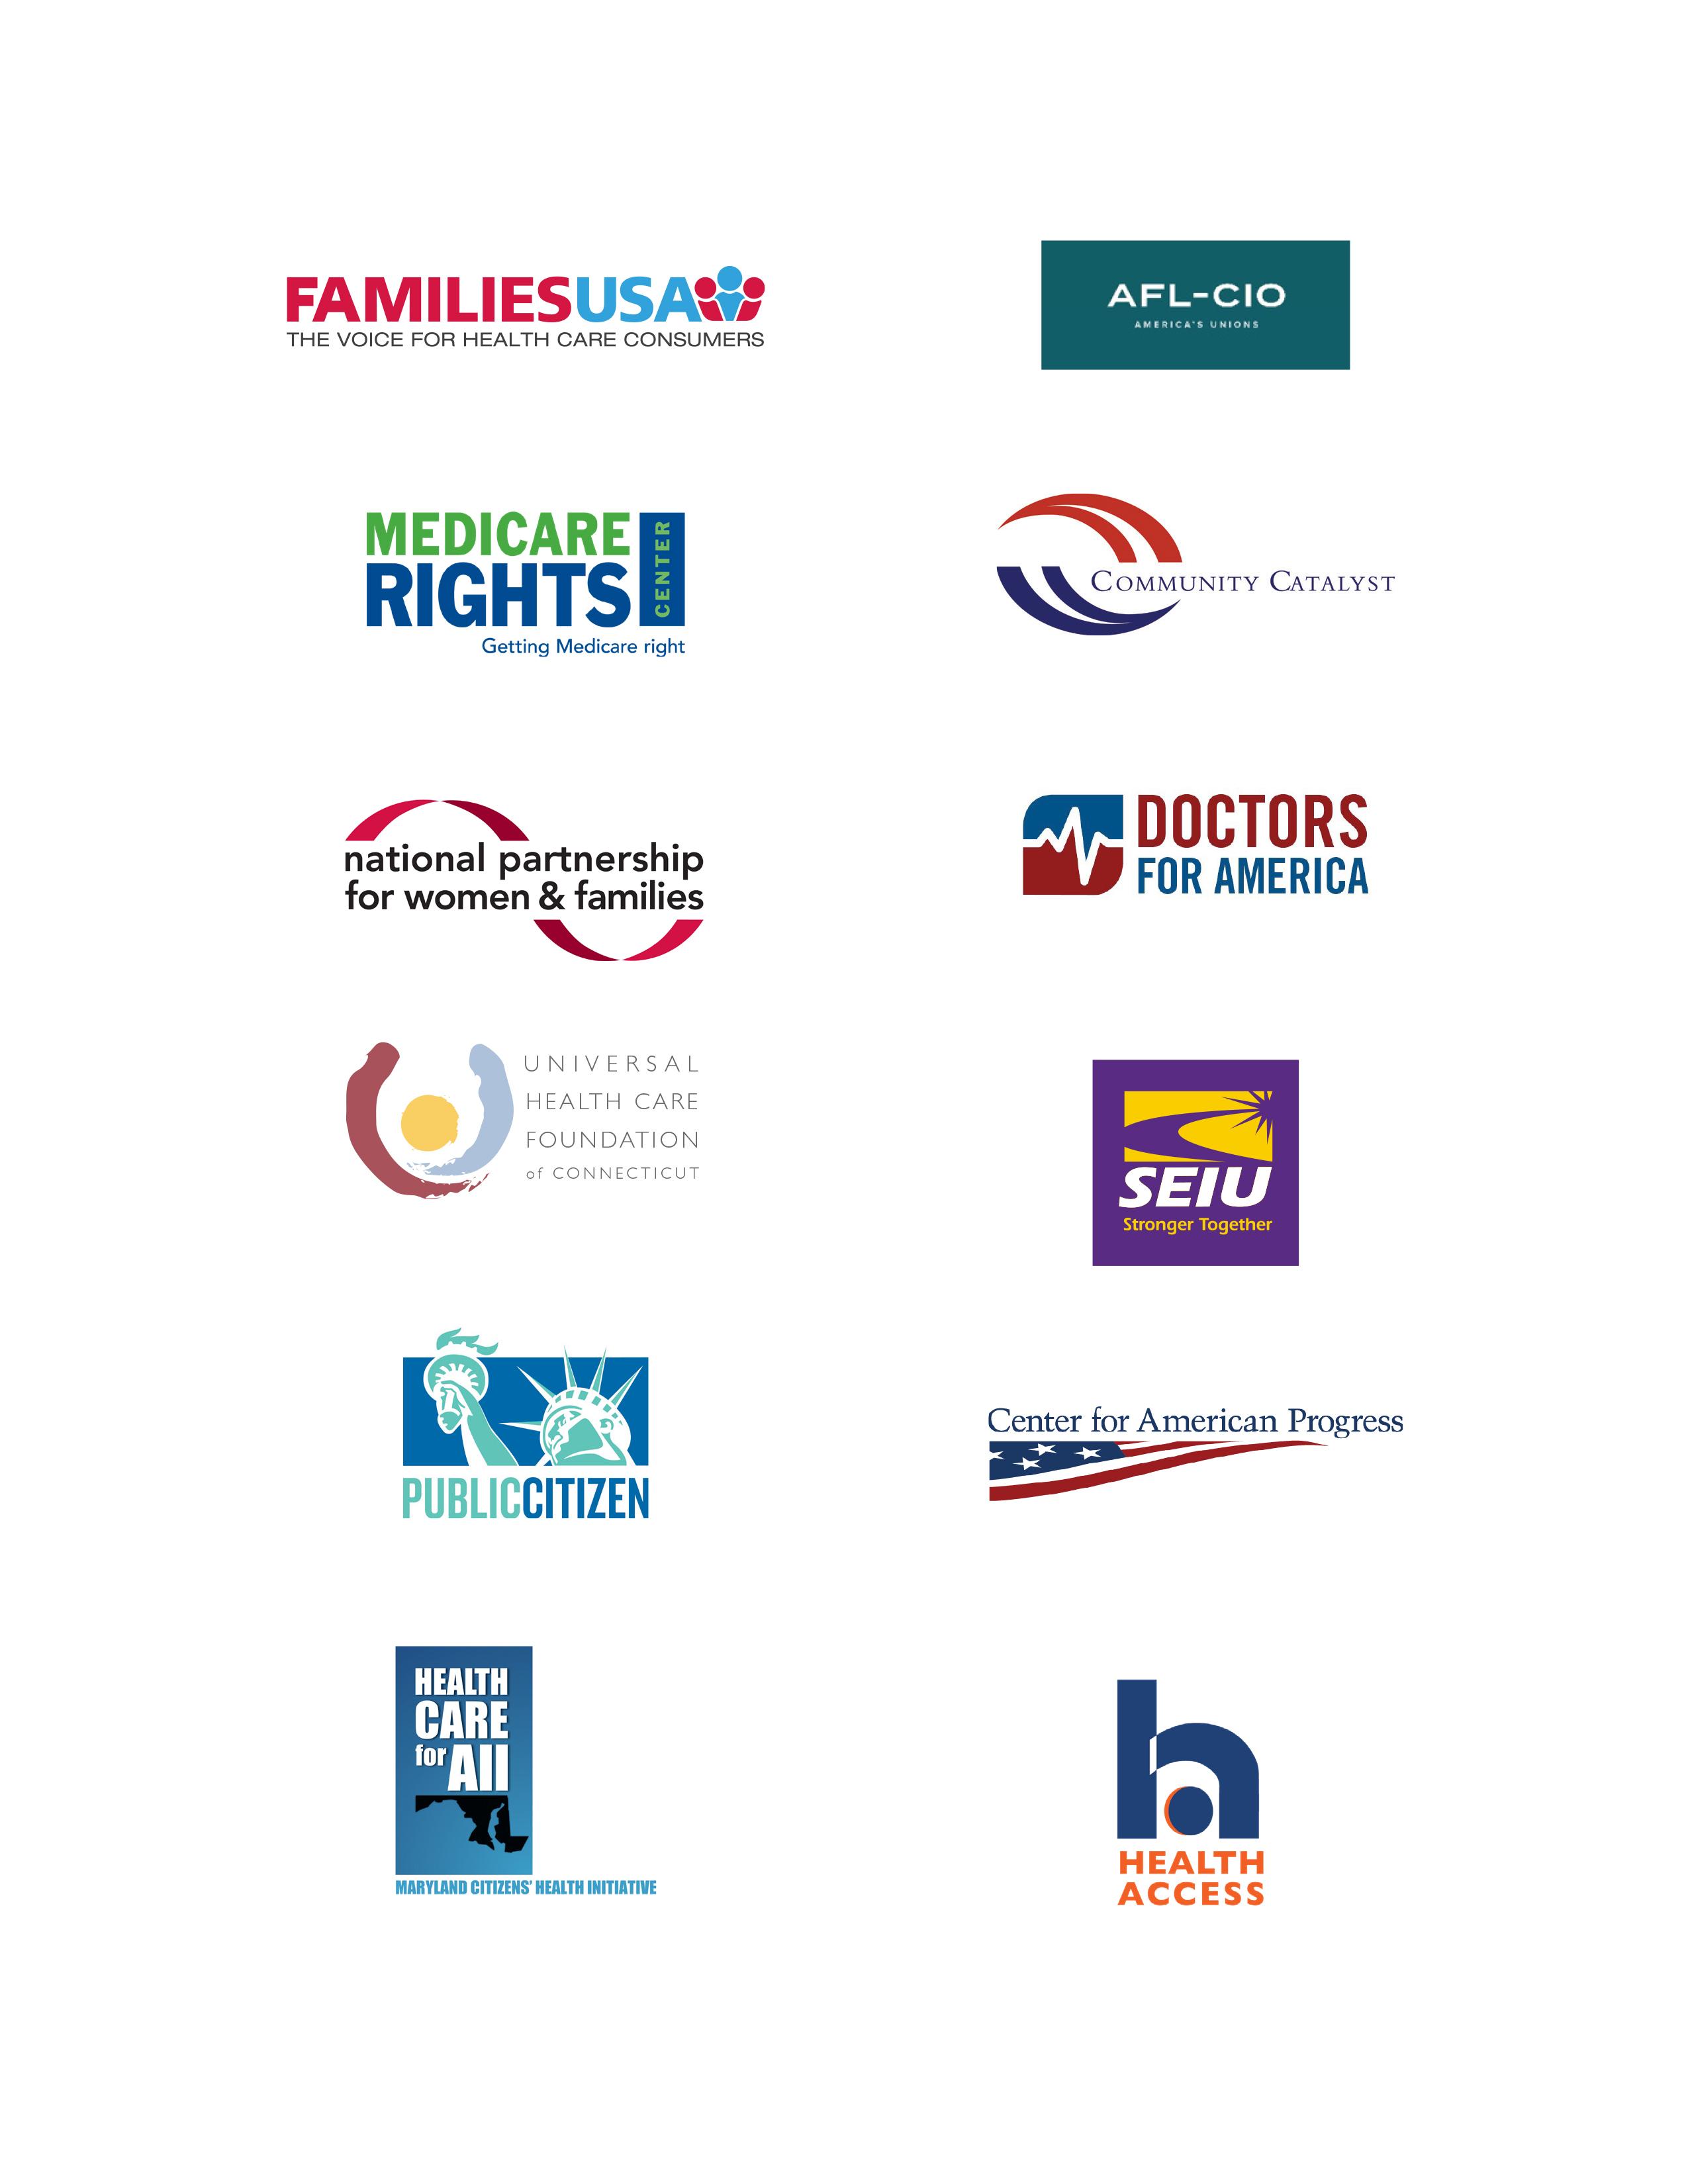 https://familiesusa.org/wp-content/uploads/2019/09/Logos-Large.jpg